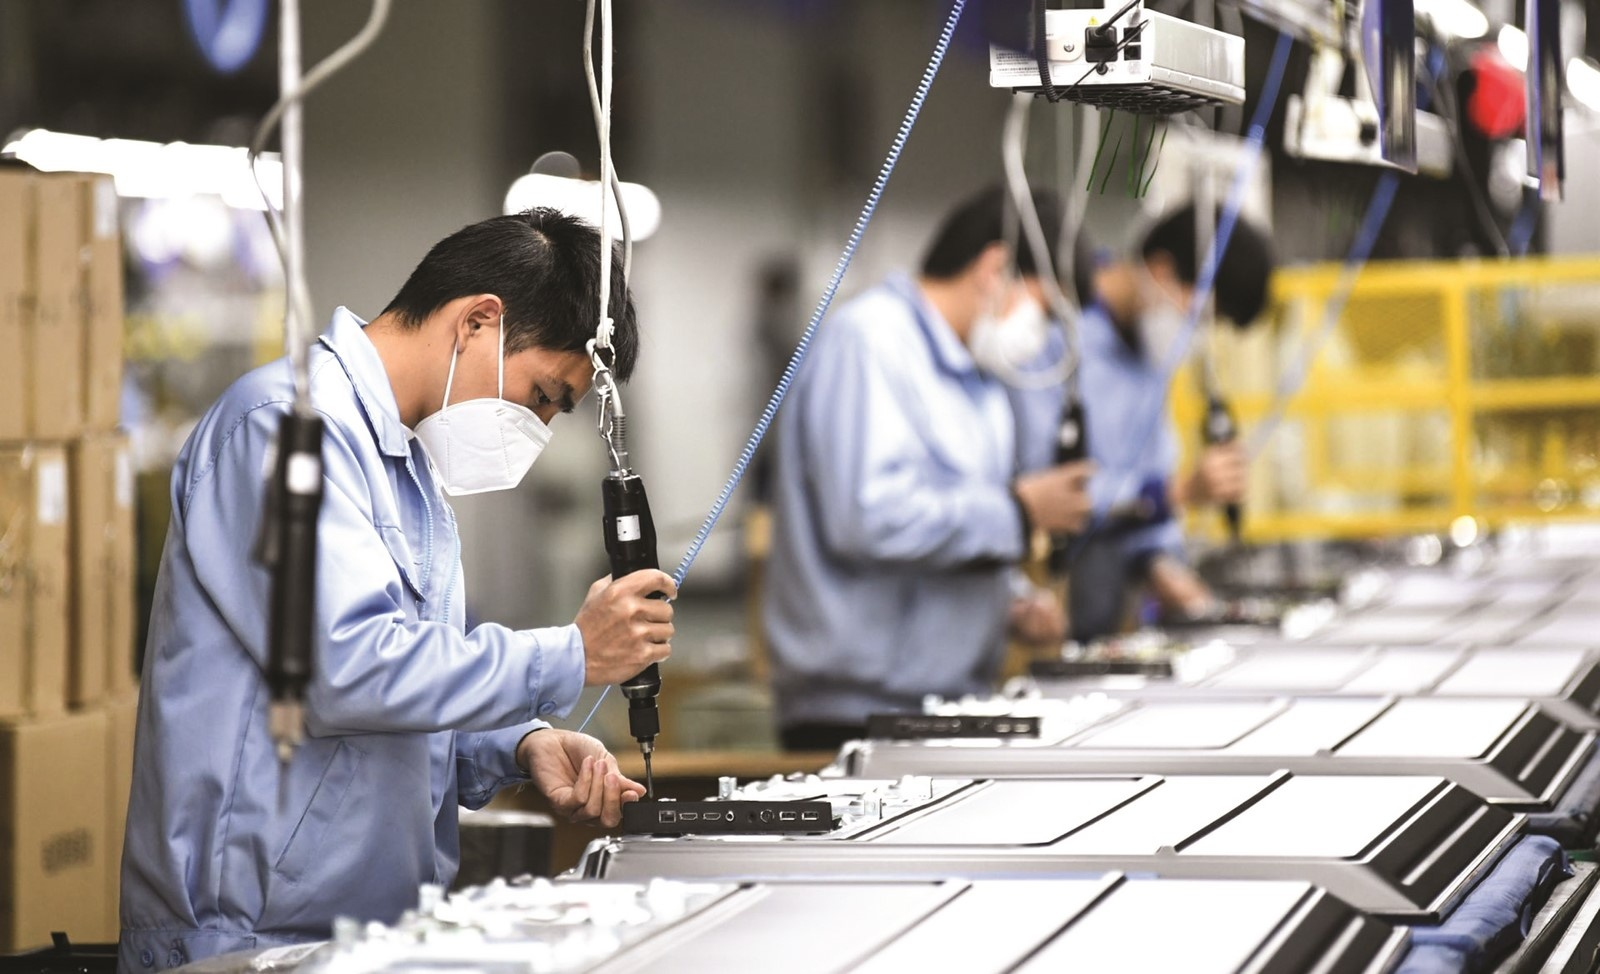 TS. Cấn Văn Lực: Cần hướng đi mới cho gói kích thích kinh tế thứ hai